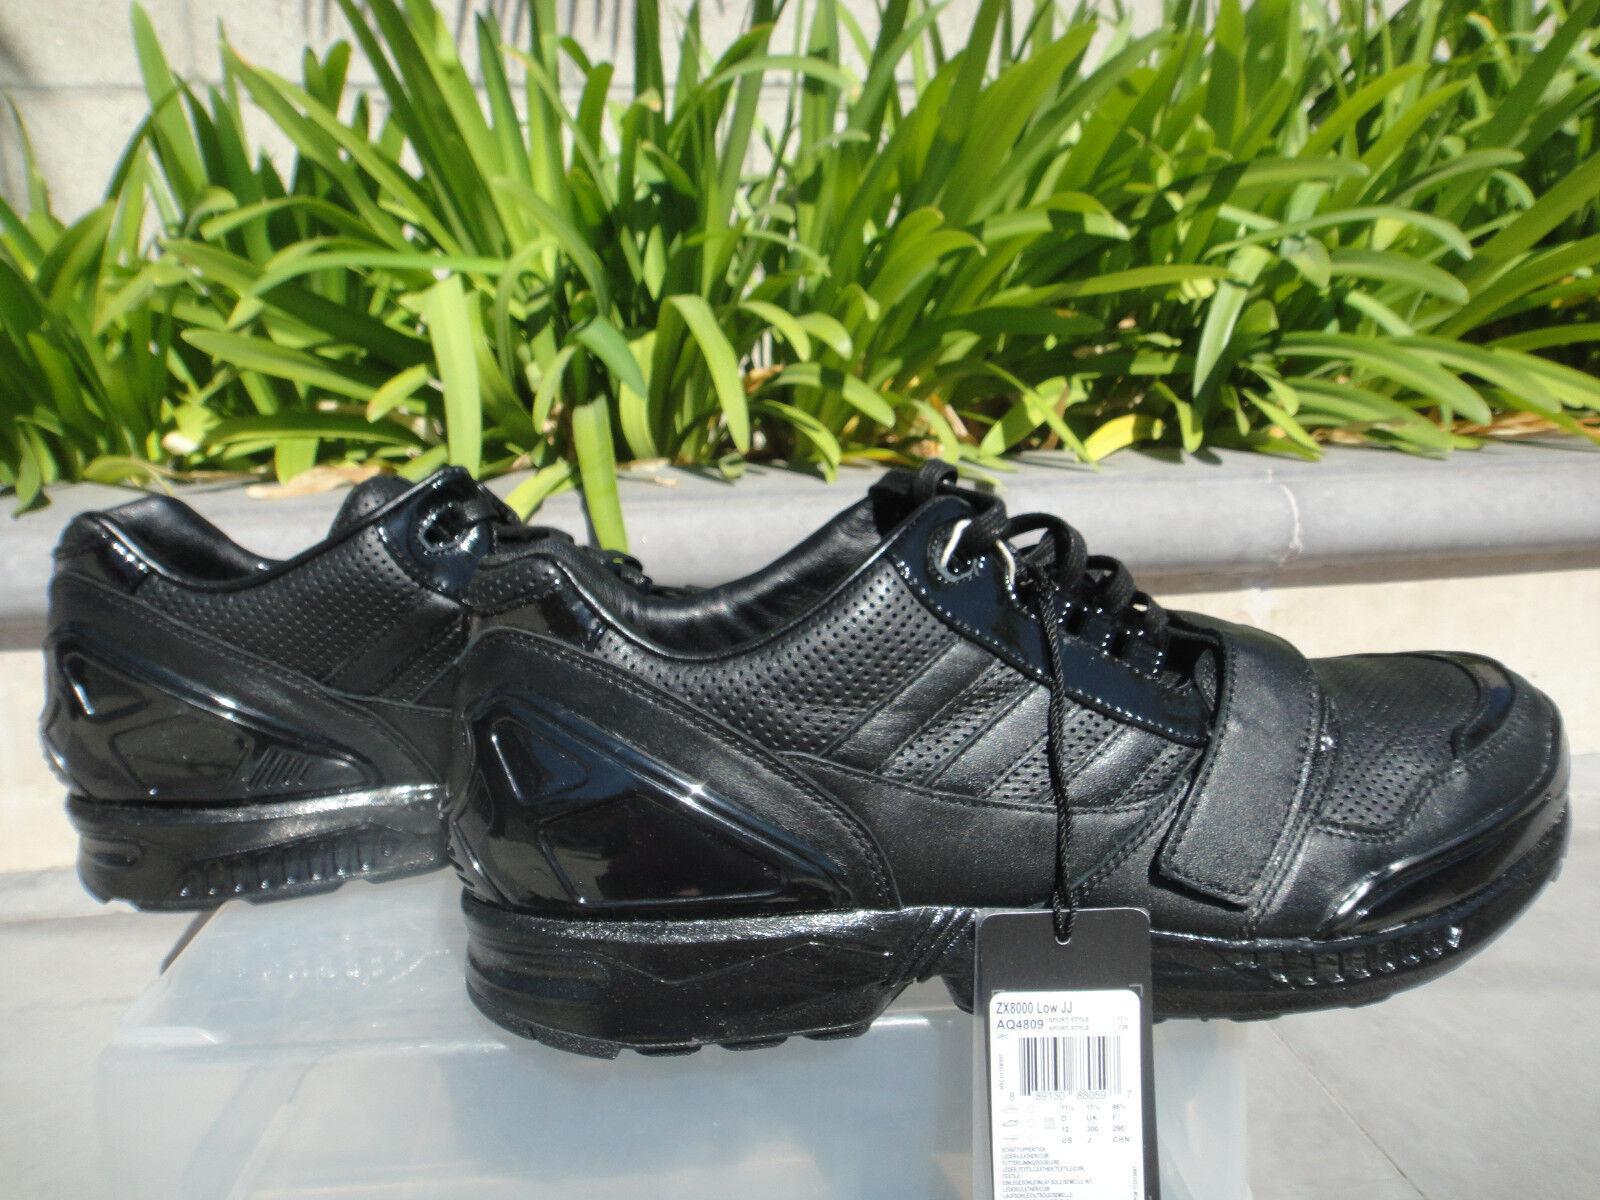 Adidas X Juun.J Sneakers, ZX8000 Low JJ Leather Torsion Men's US Sz 11.5M or 12M